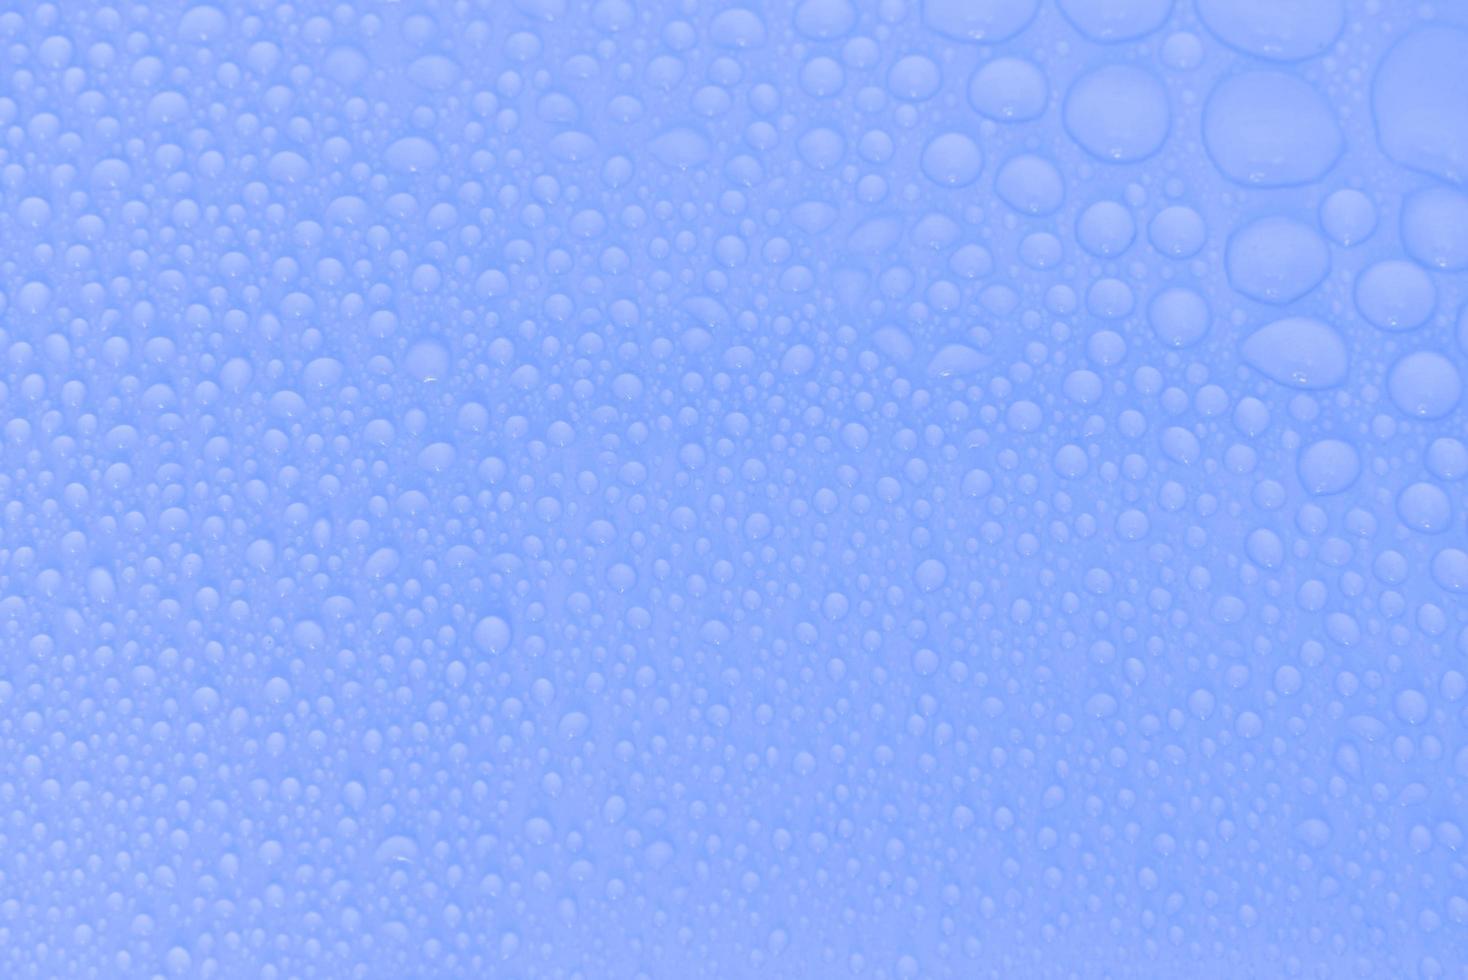 Wassertropfen auf blauem Grund foto